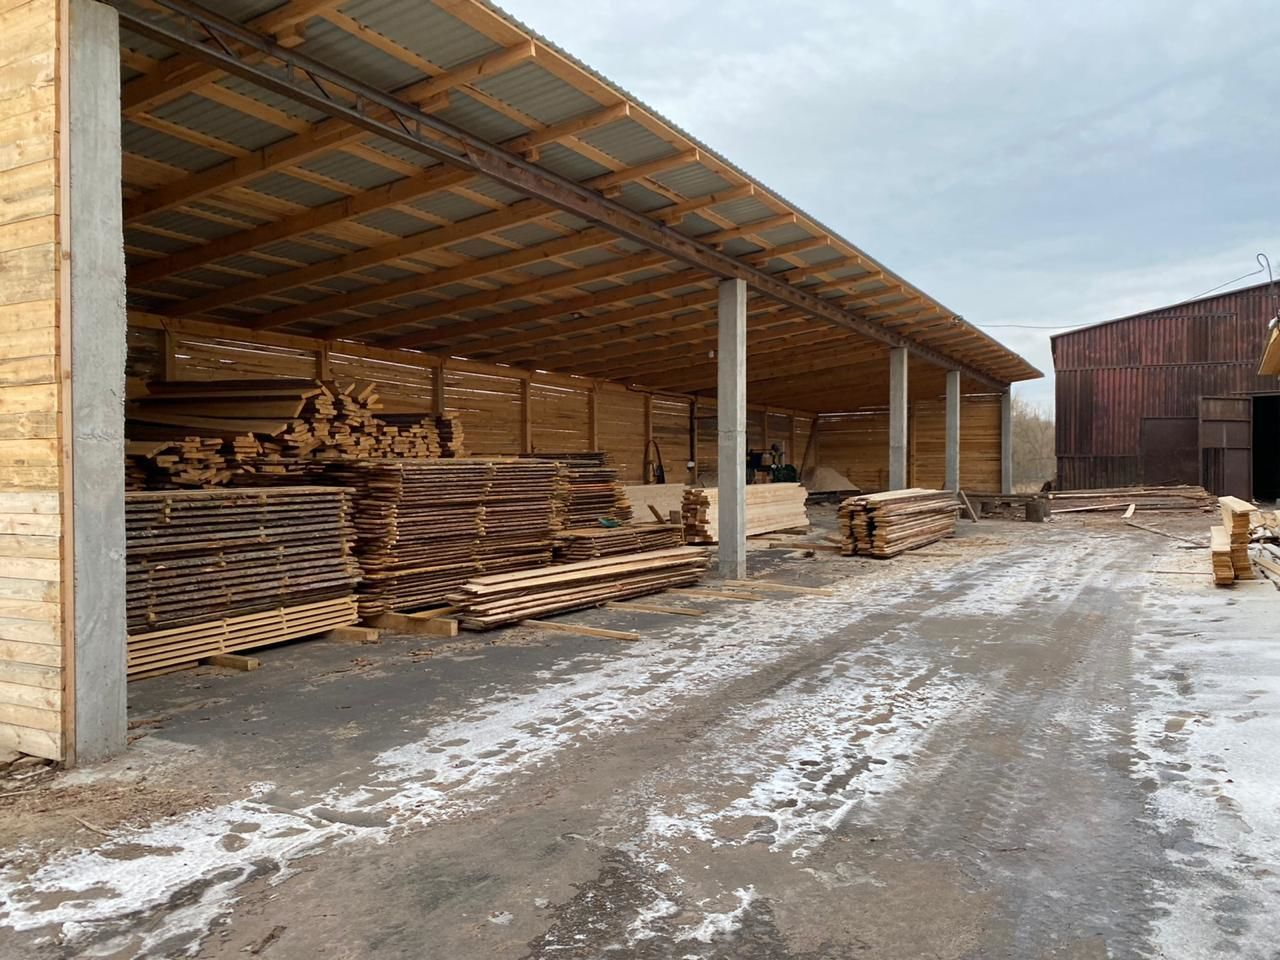 дрова, лісосировина